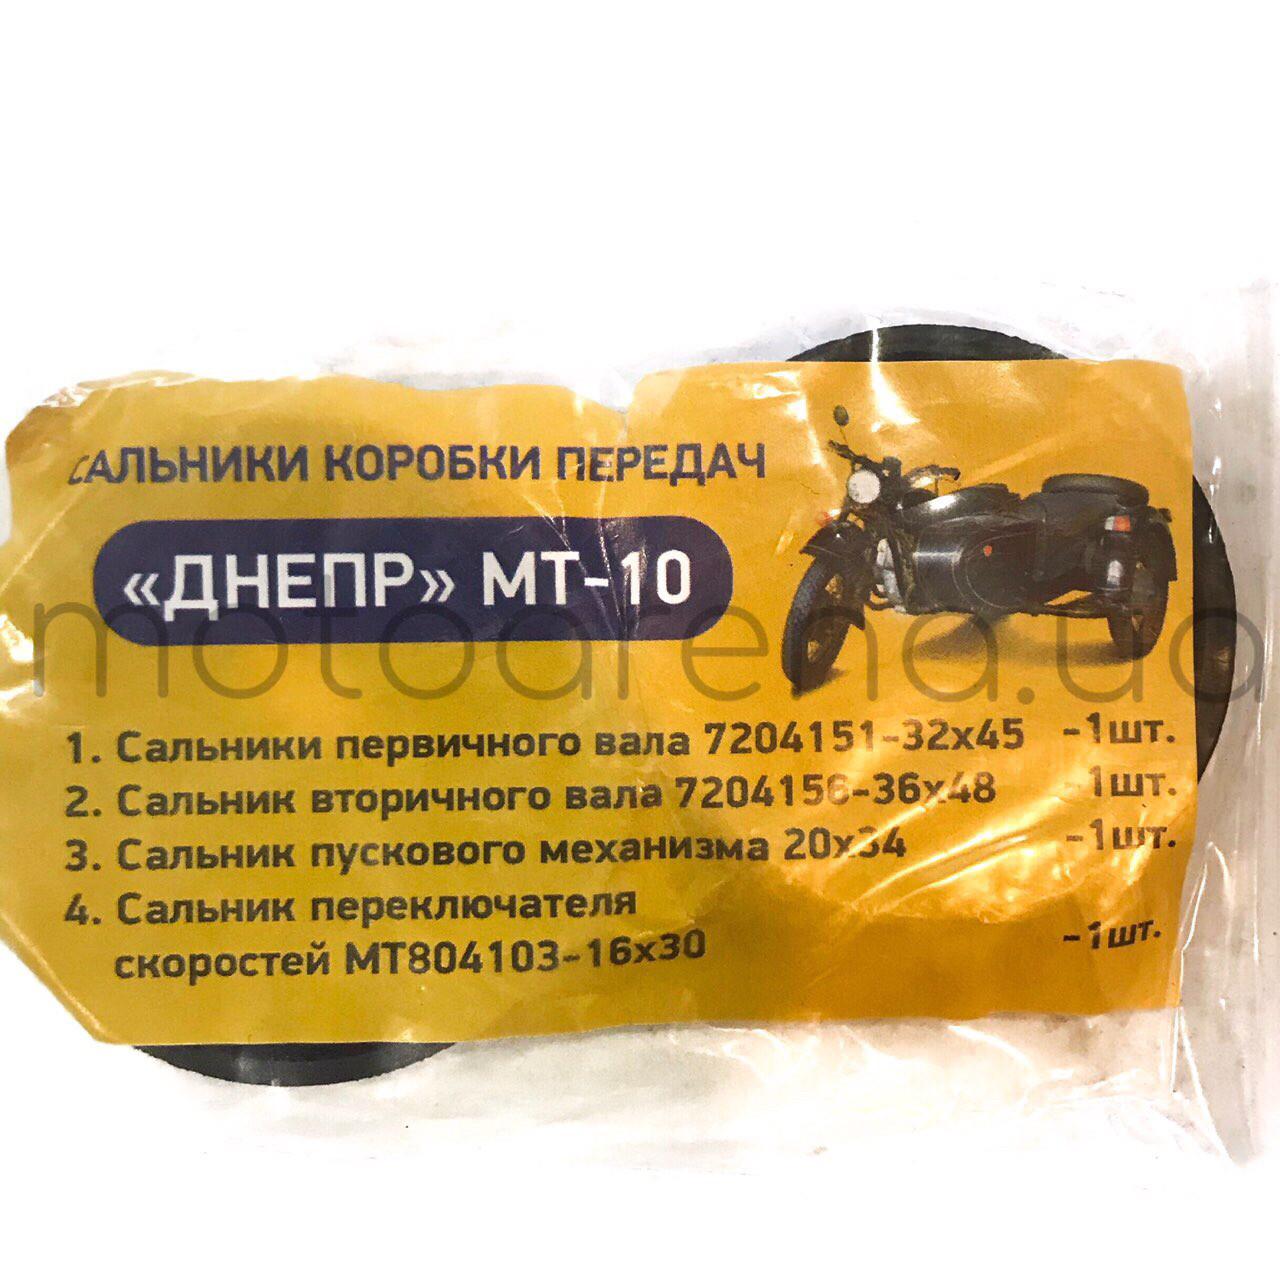 Набор сальников коробки передач МТ-Днепр.